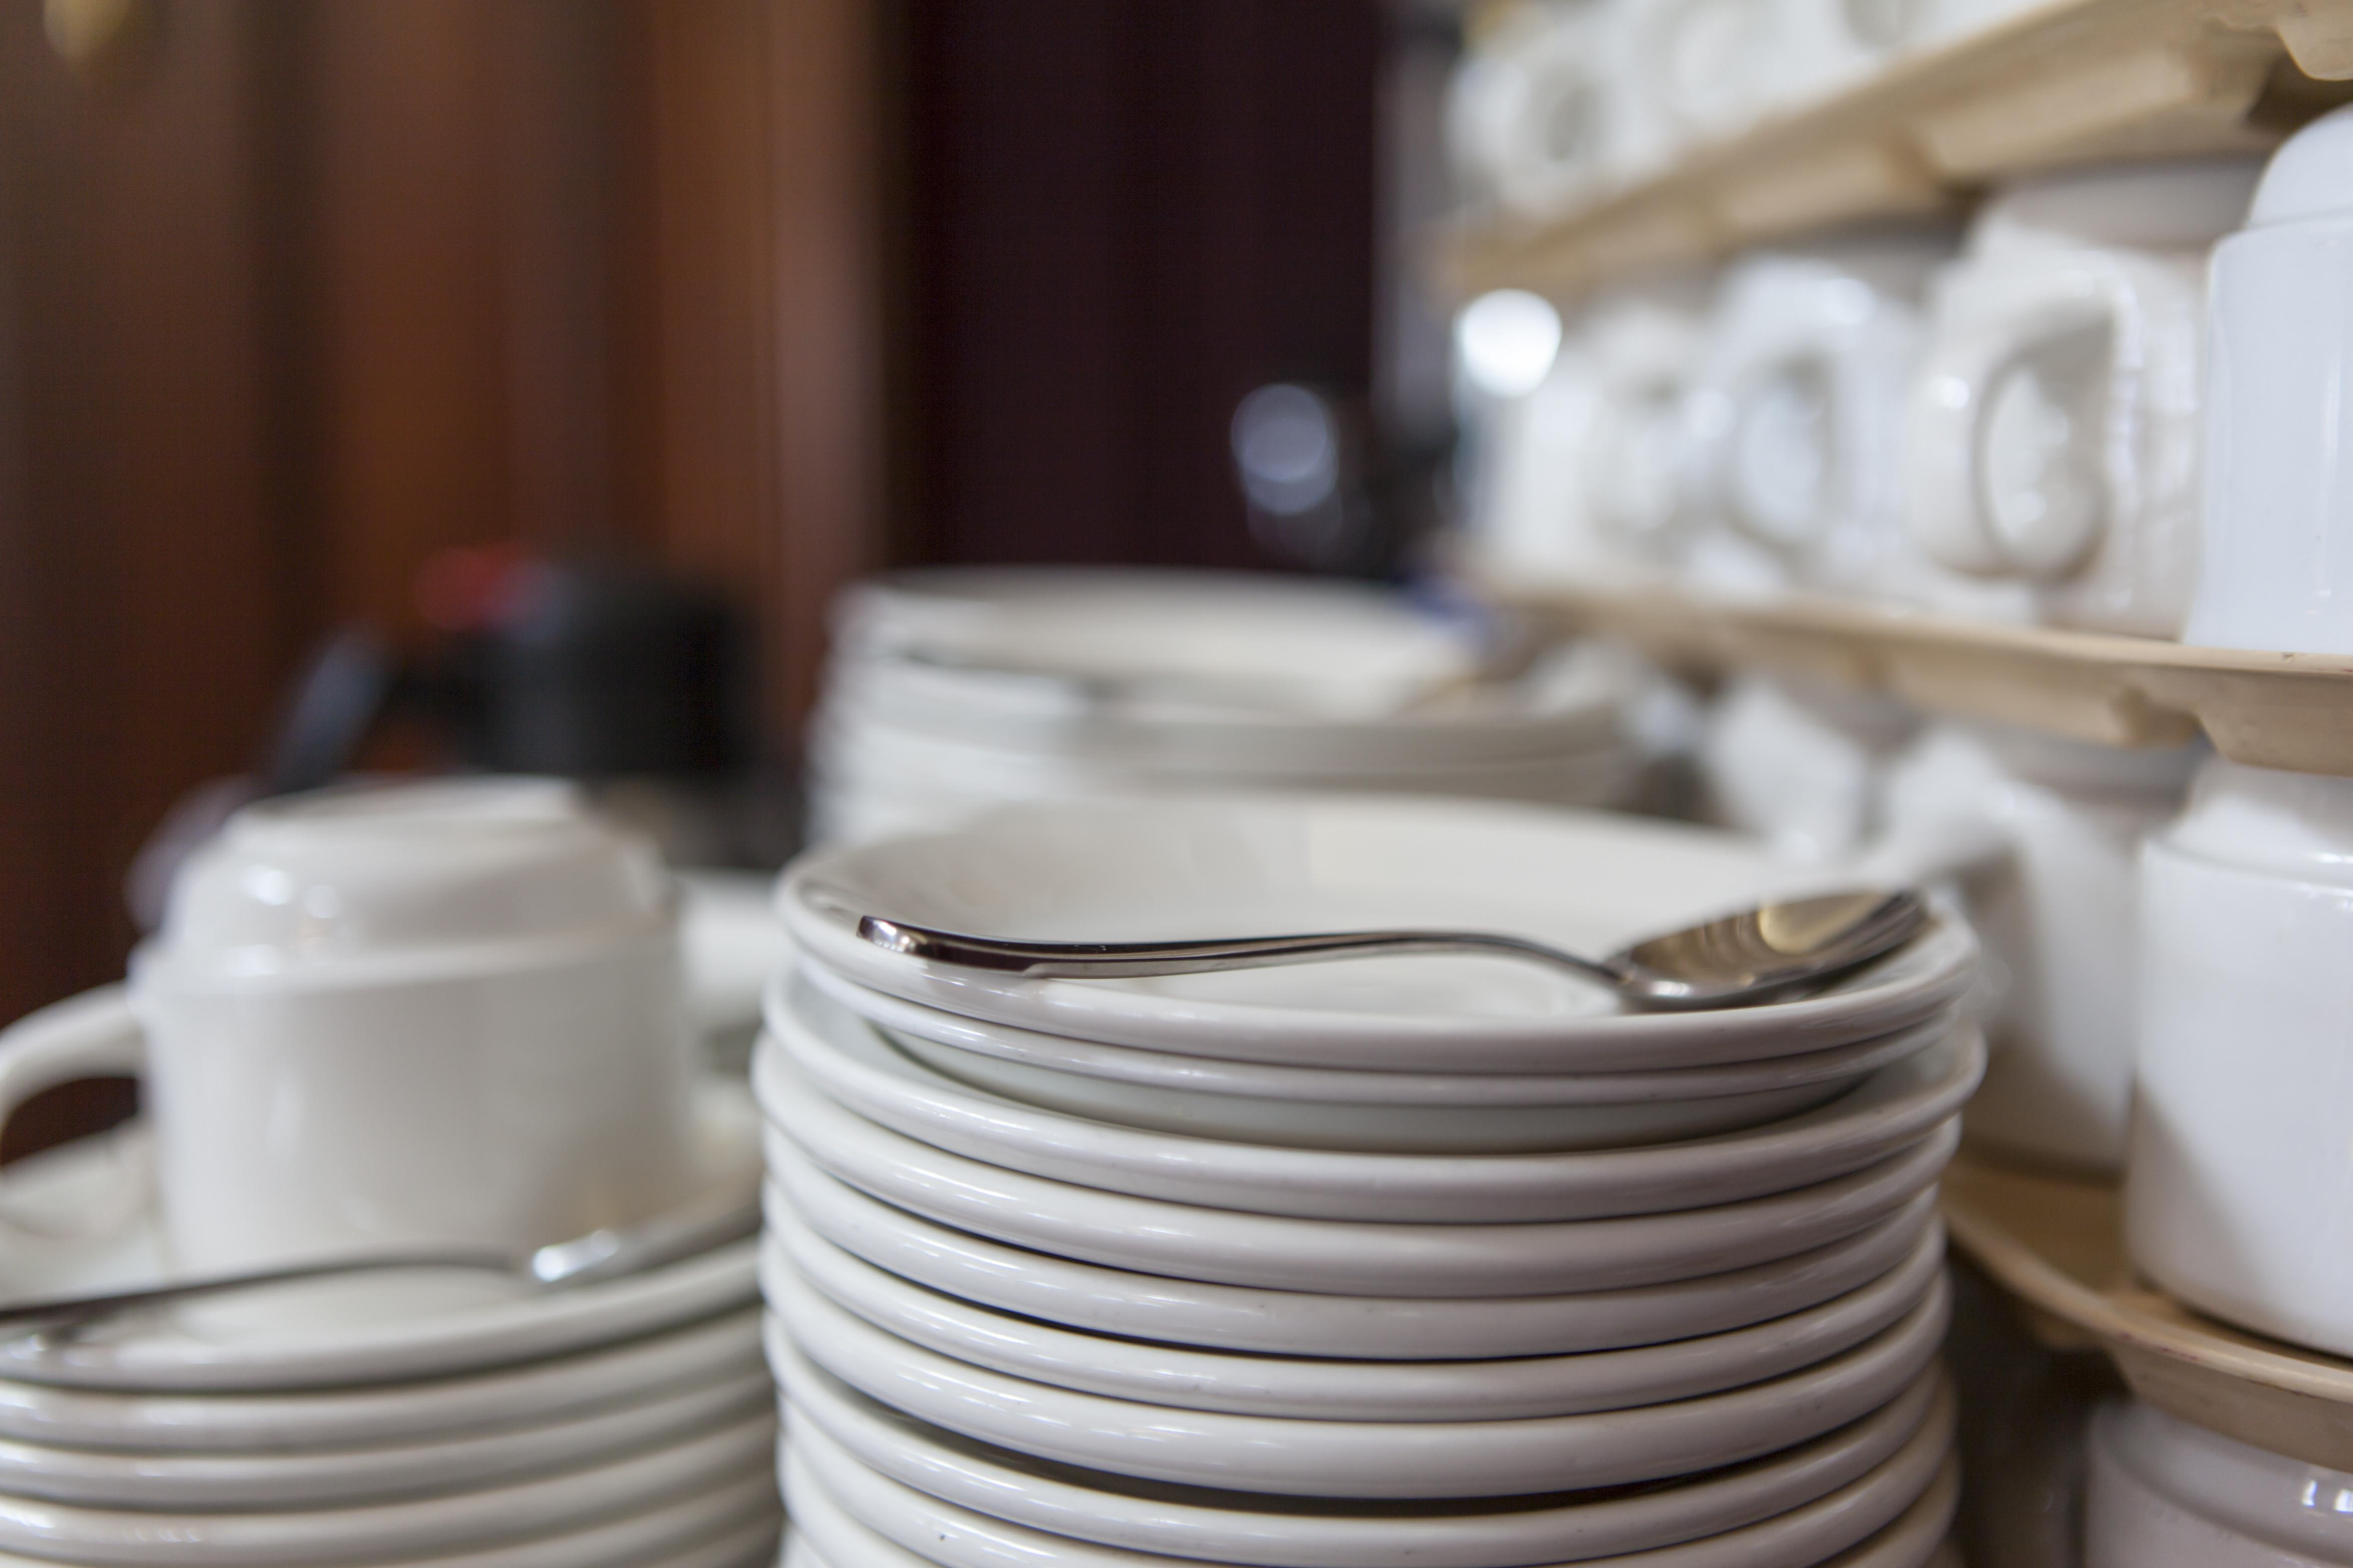 Comment choisir son lave vaisselle professionnel for Choisir son lave vaisselle